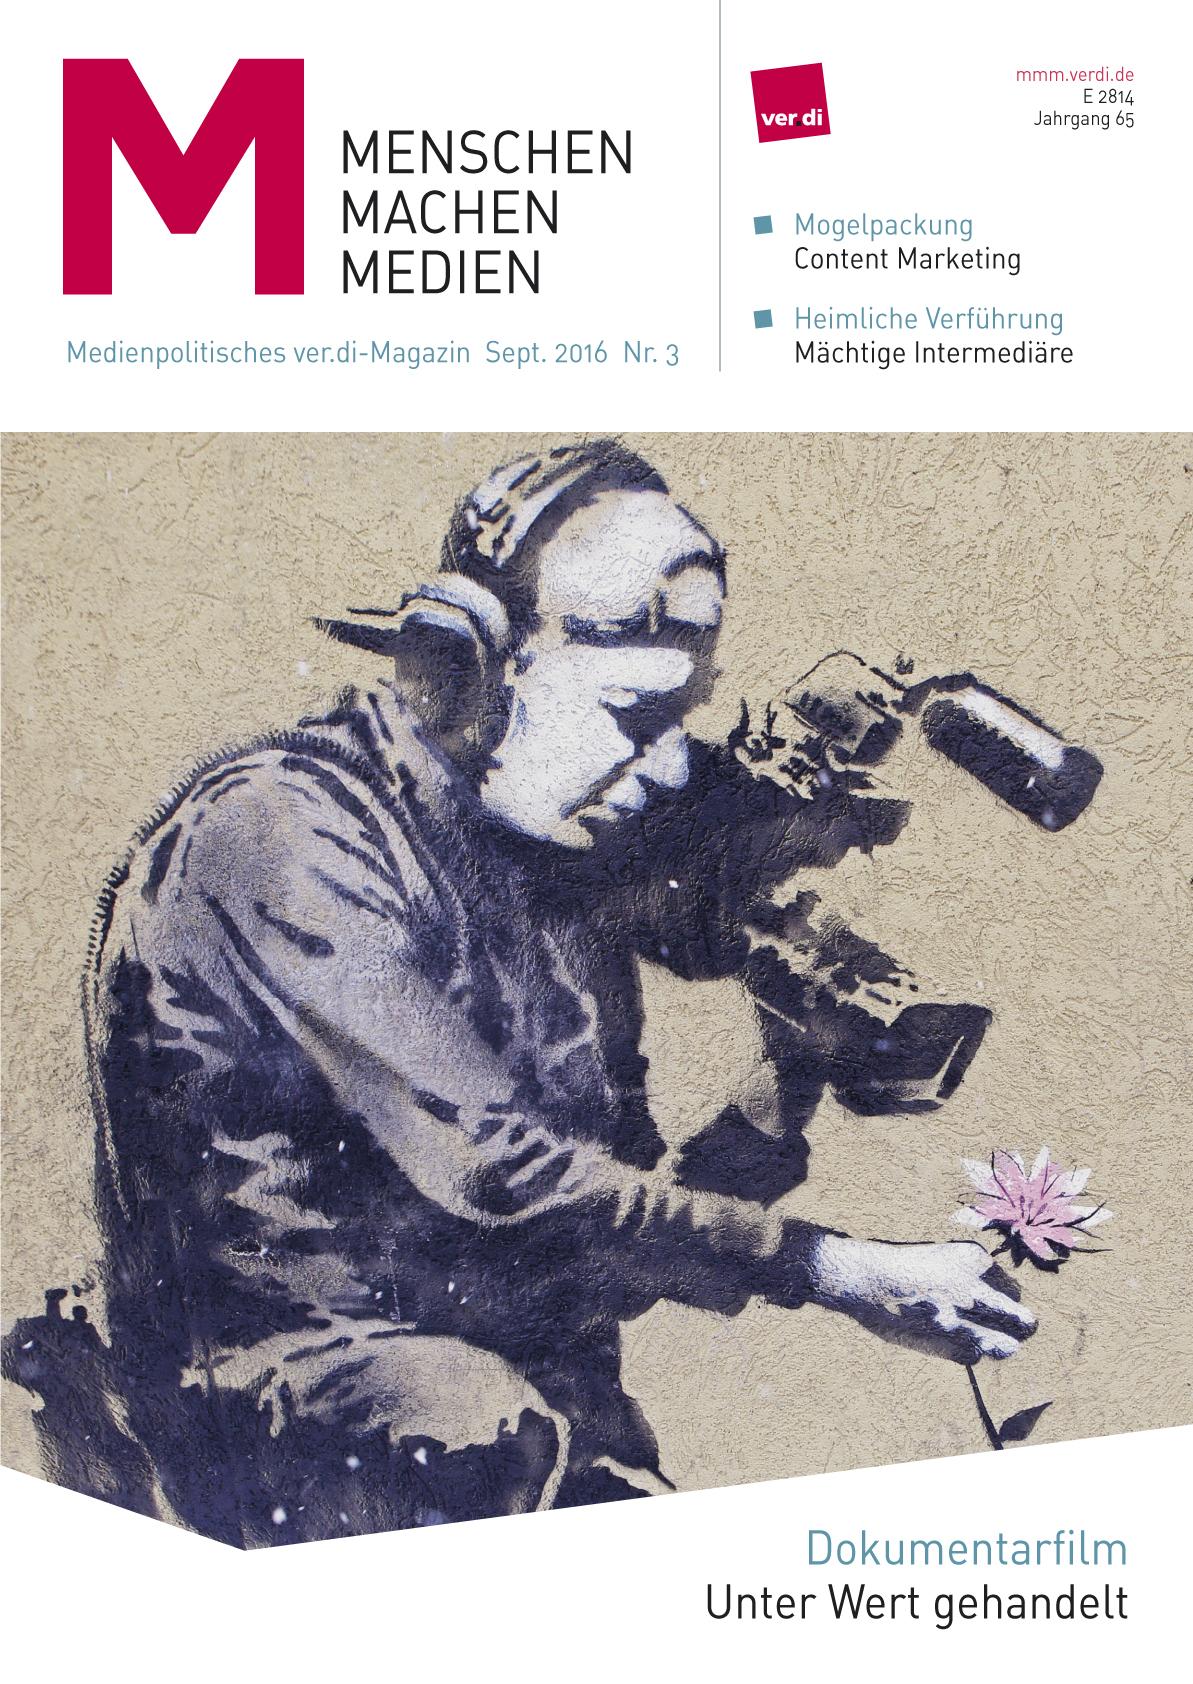 M_MENSCHEN-MACHEN-MEDIEN